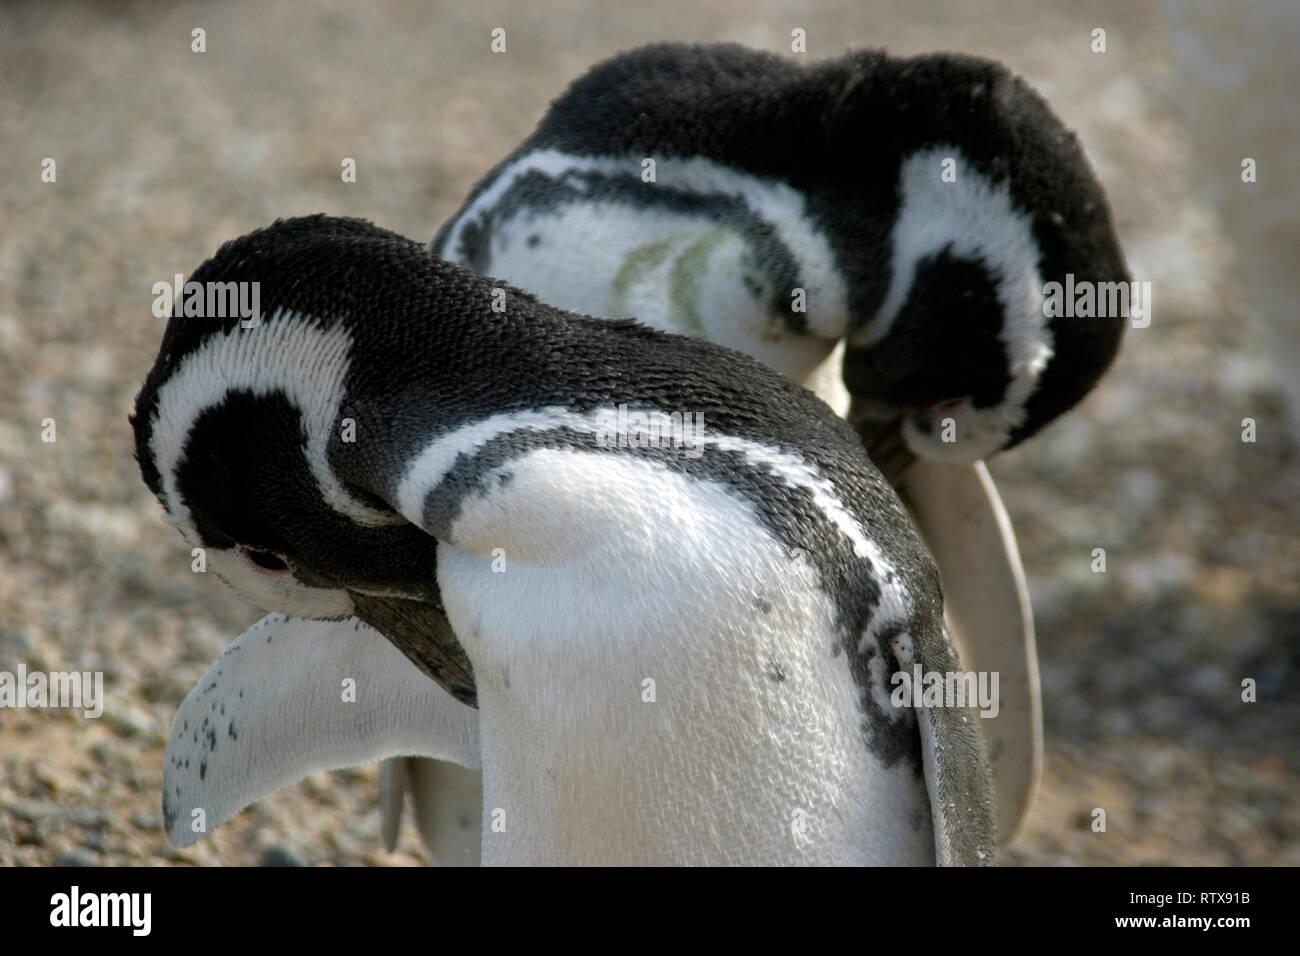 Magellan-pinguine, Pinguinera Spheniscus magellanicus, Punta Tombo, Rawson, Chubut, Patagonien Argentinien Stockfoto